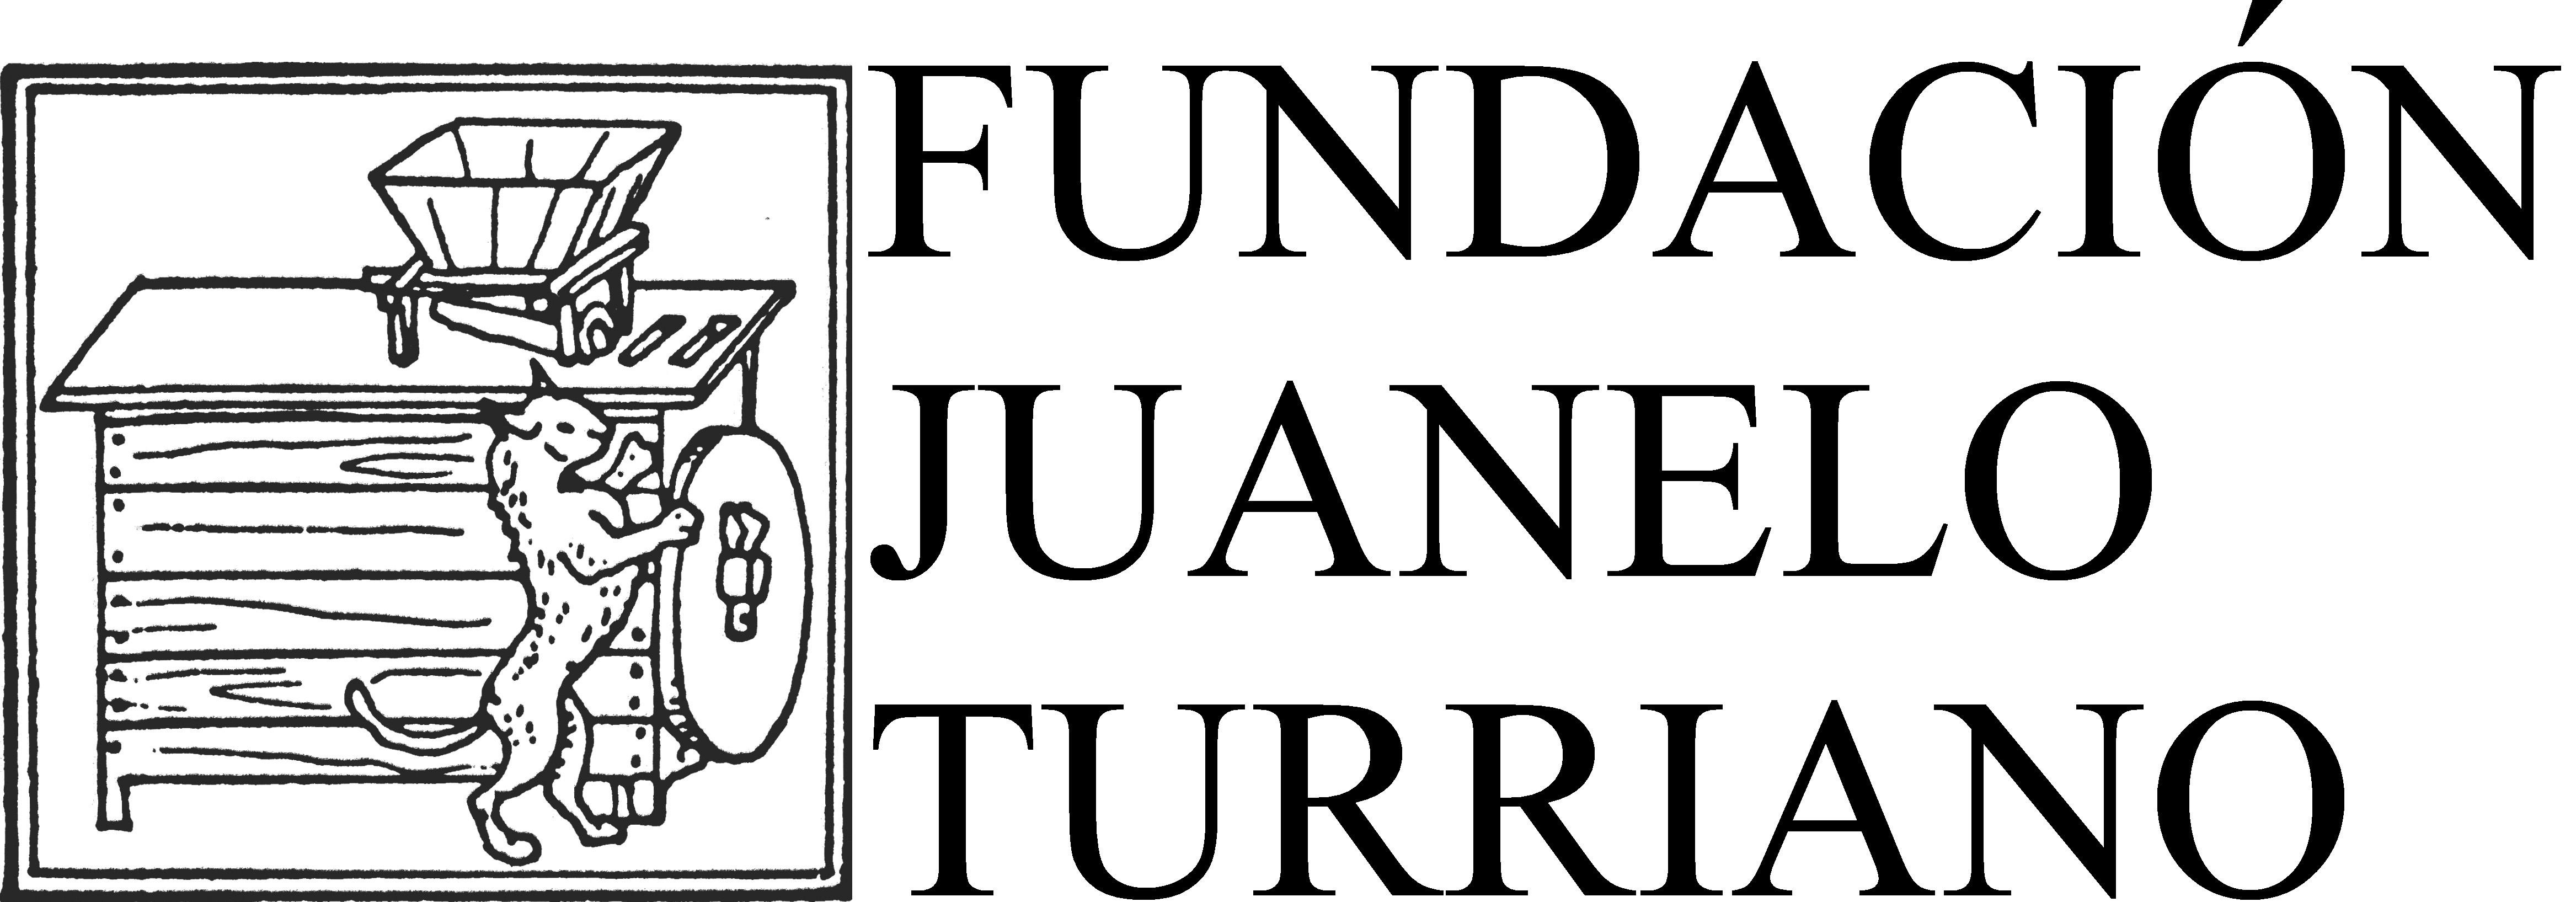 Fundación Juanelo Turriano